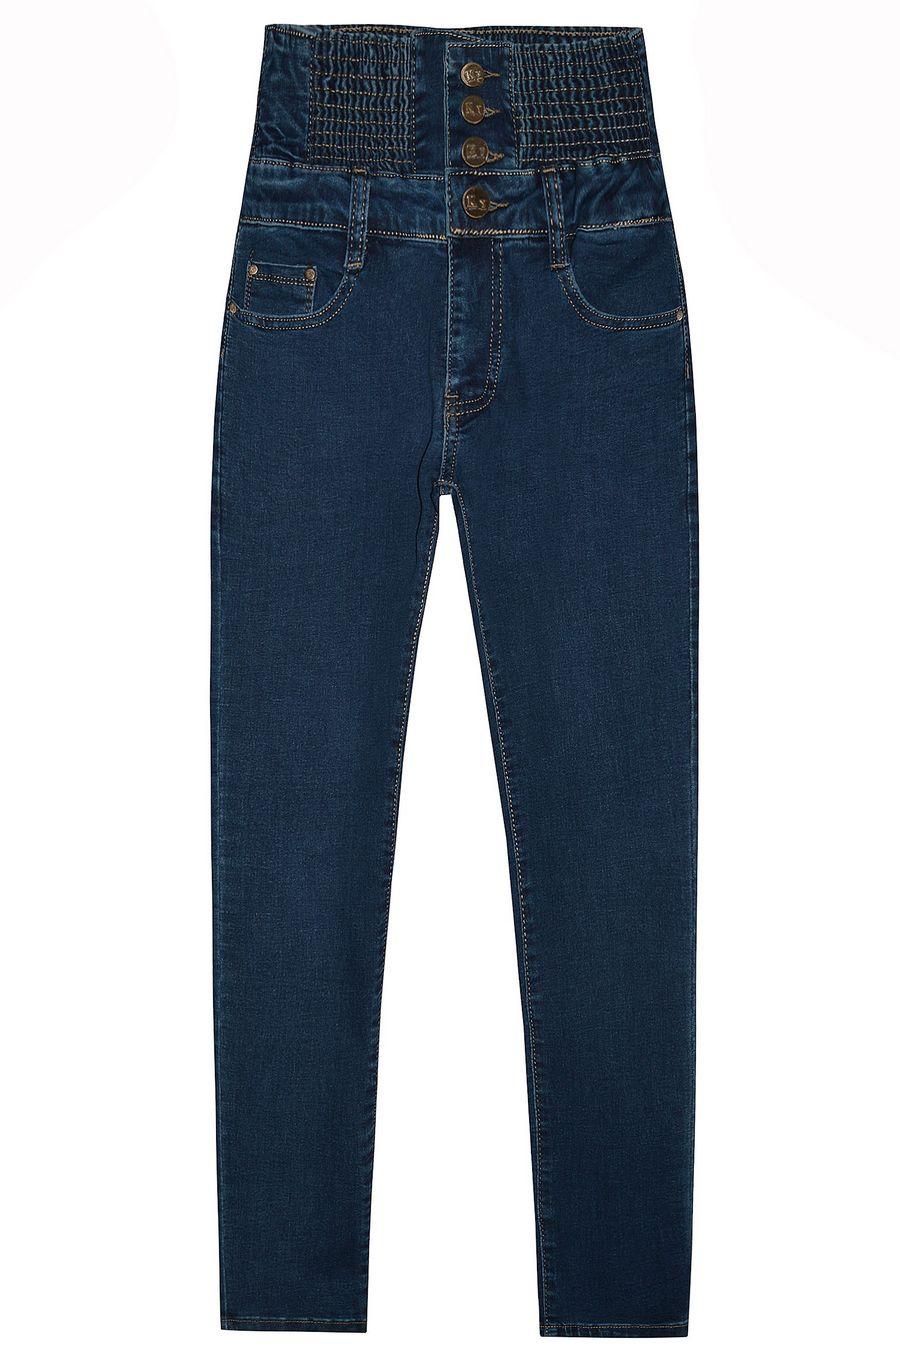 Джинсы женские K.Y Jeans L284 - фото 1